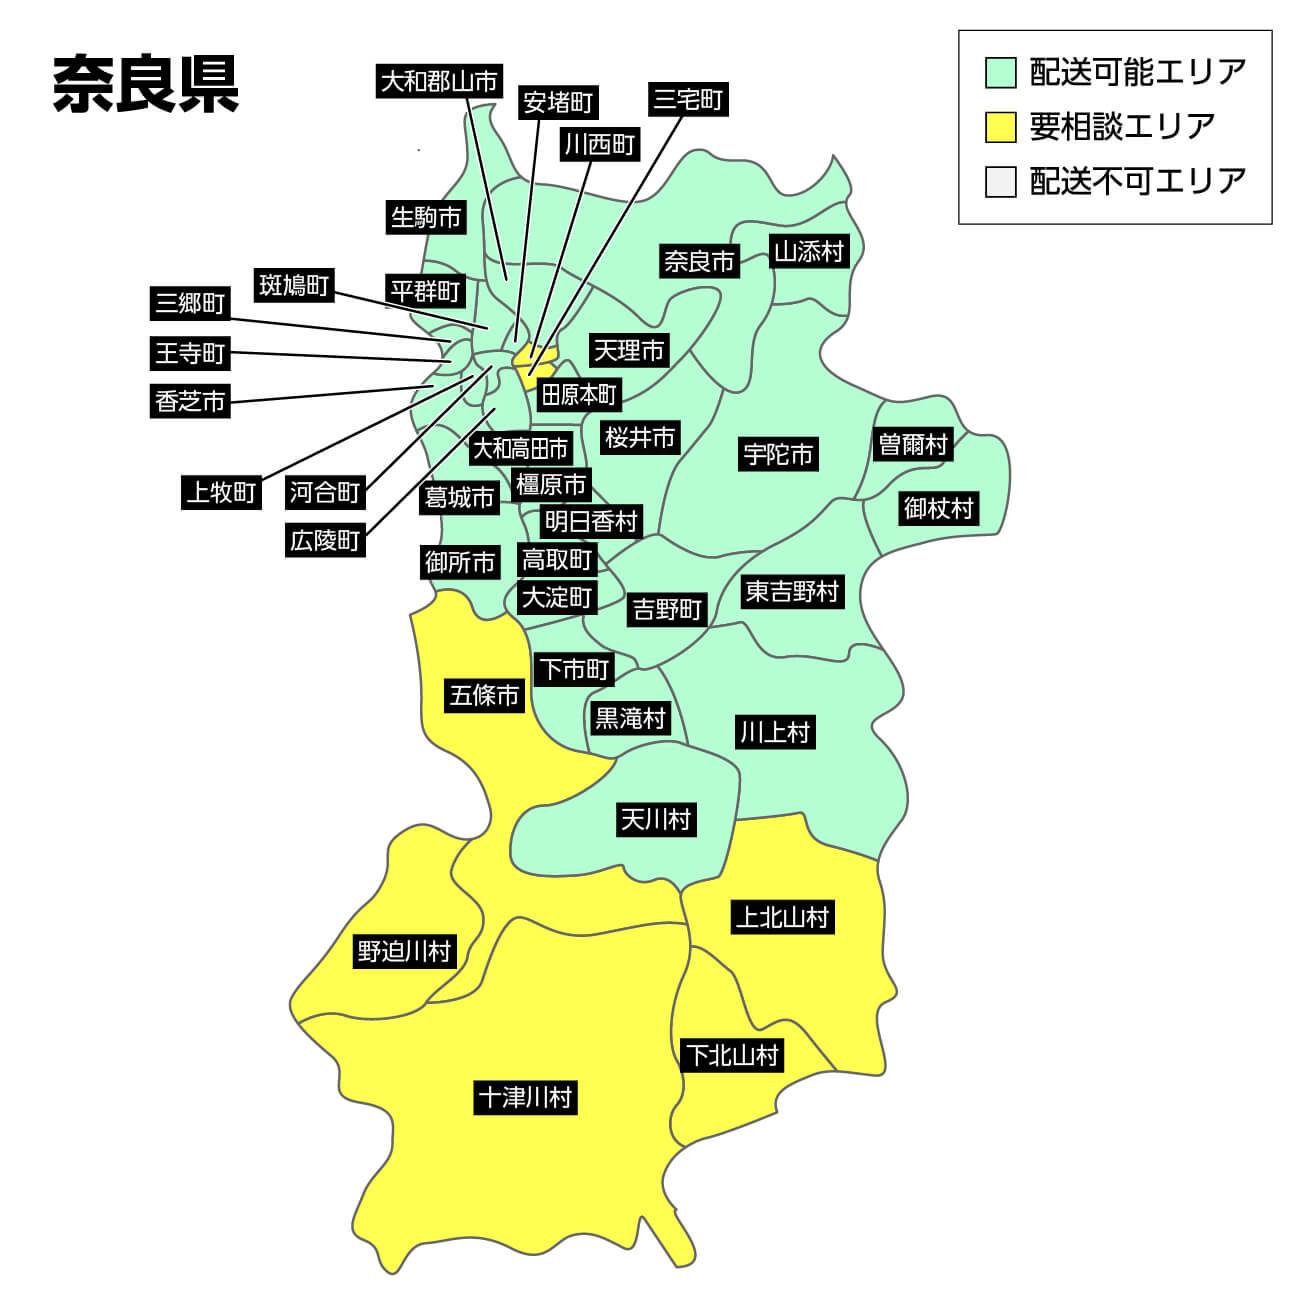 奈良県の集荷可能エリア